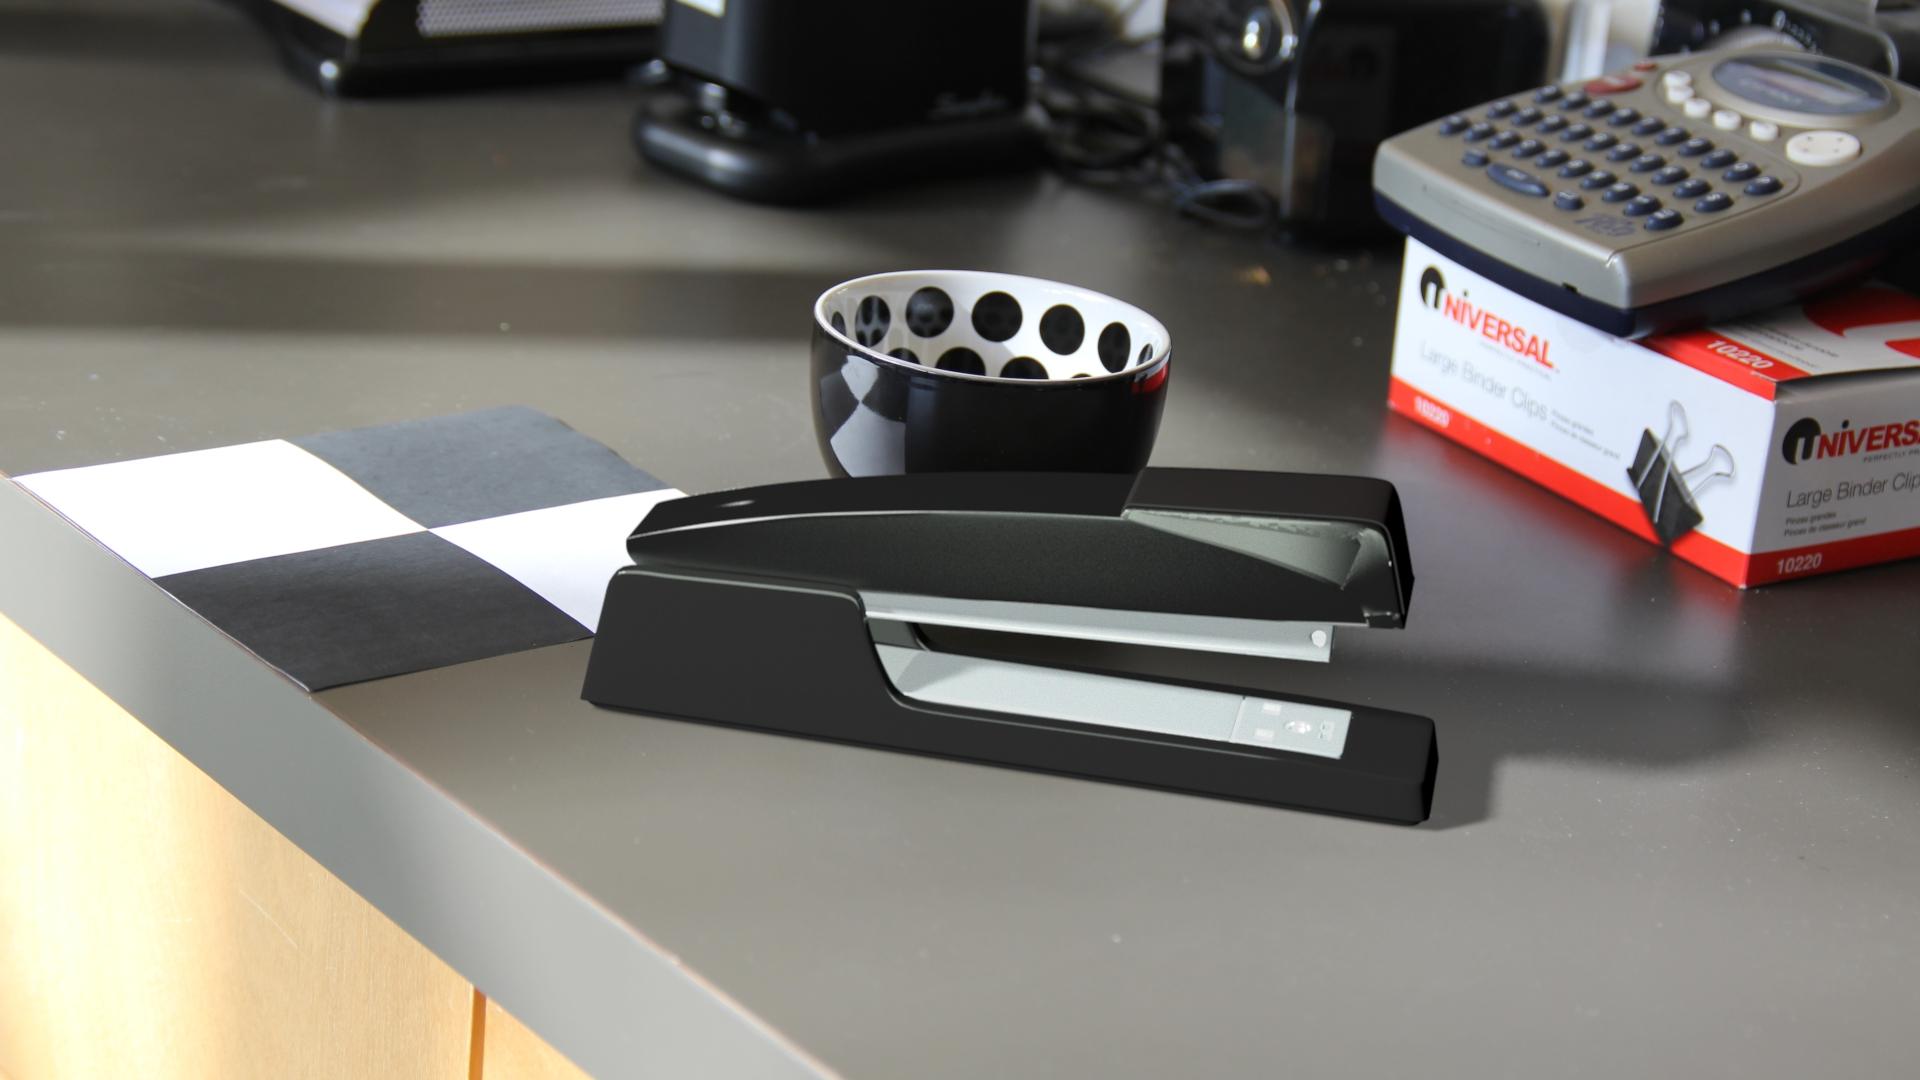 stapler_slap_comp_2.jpg